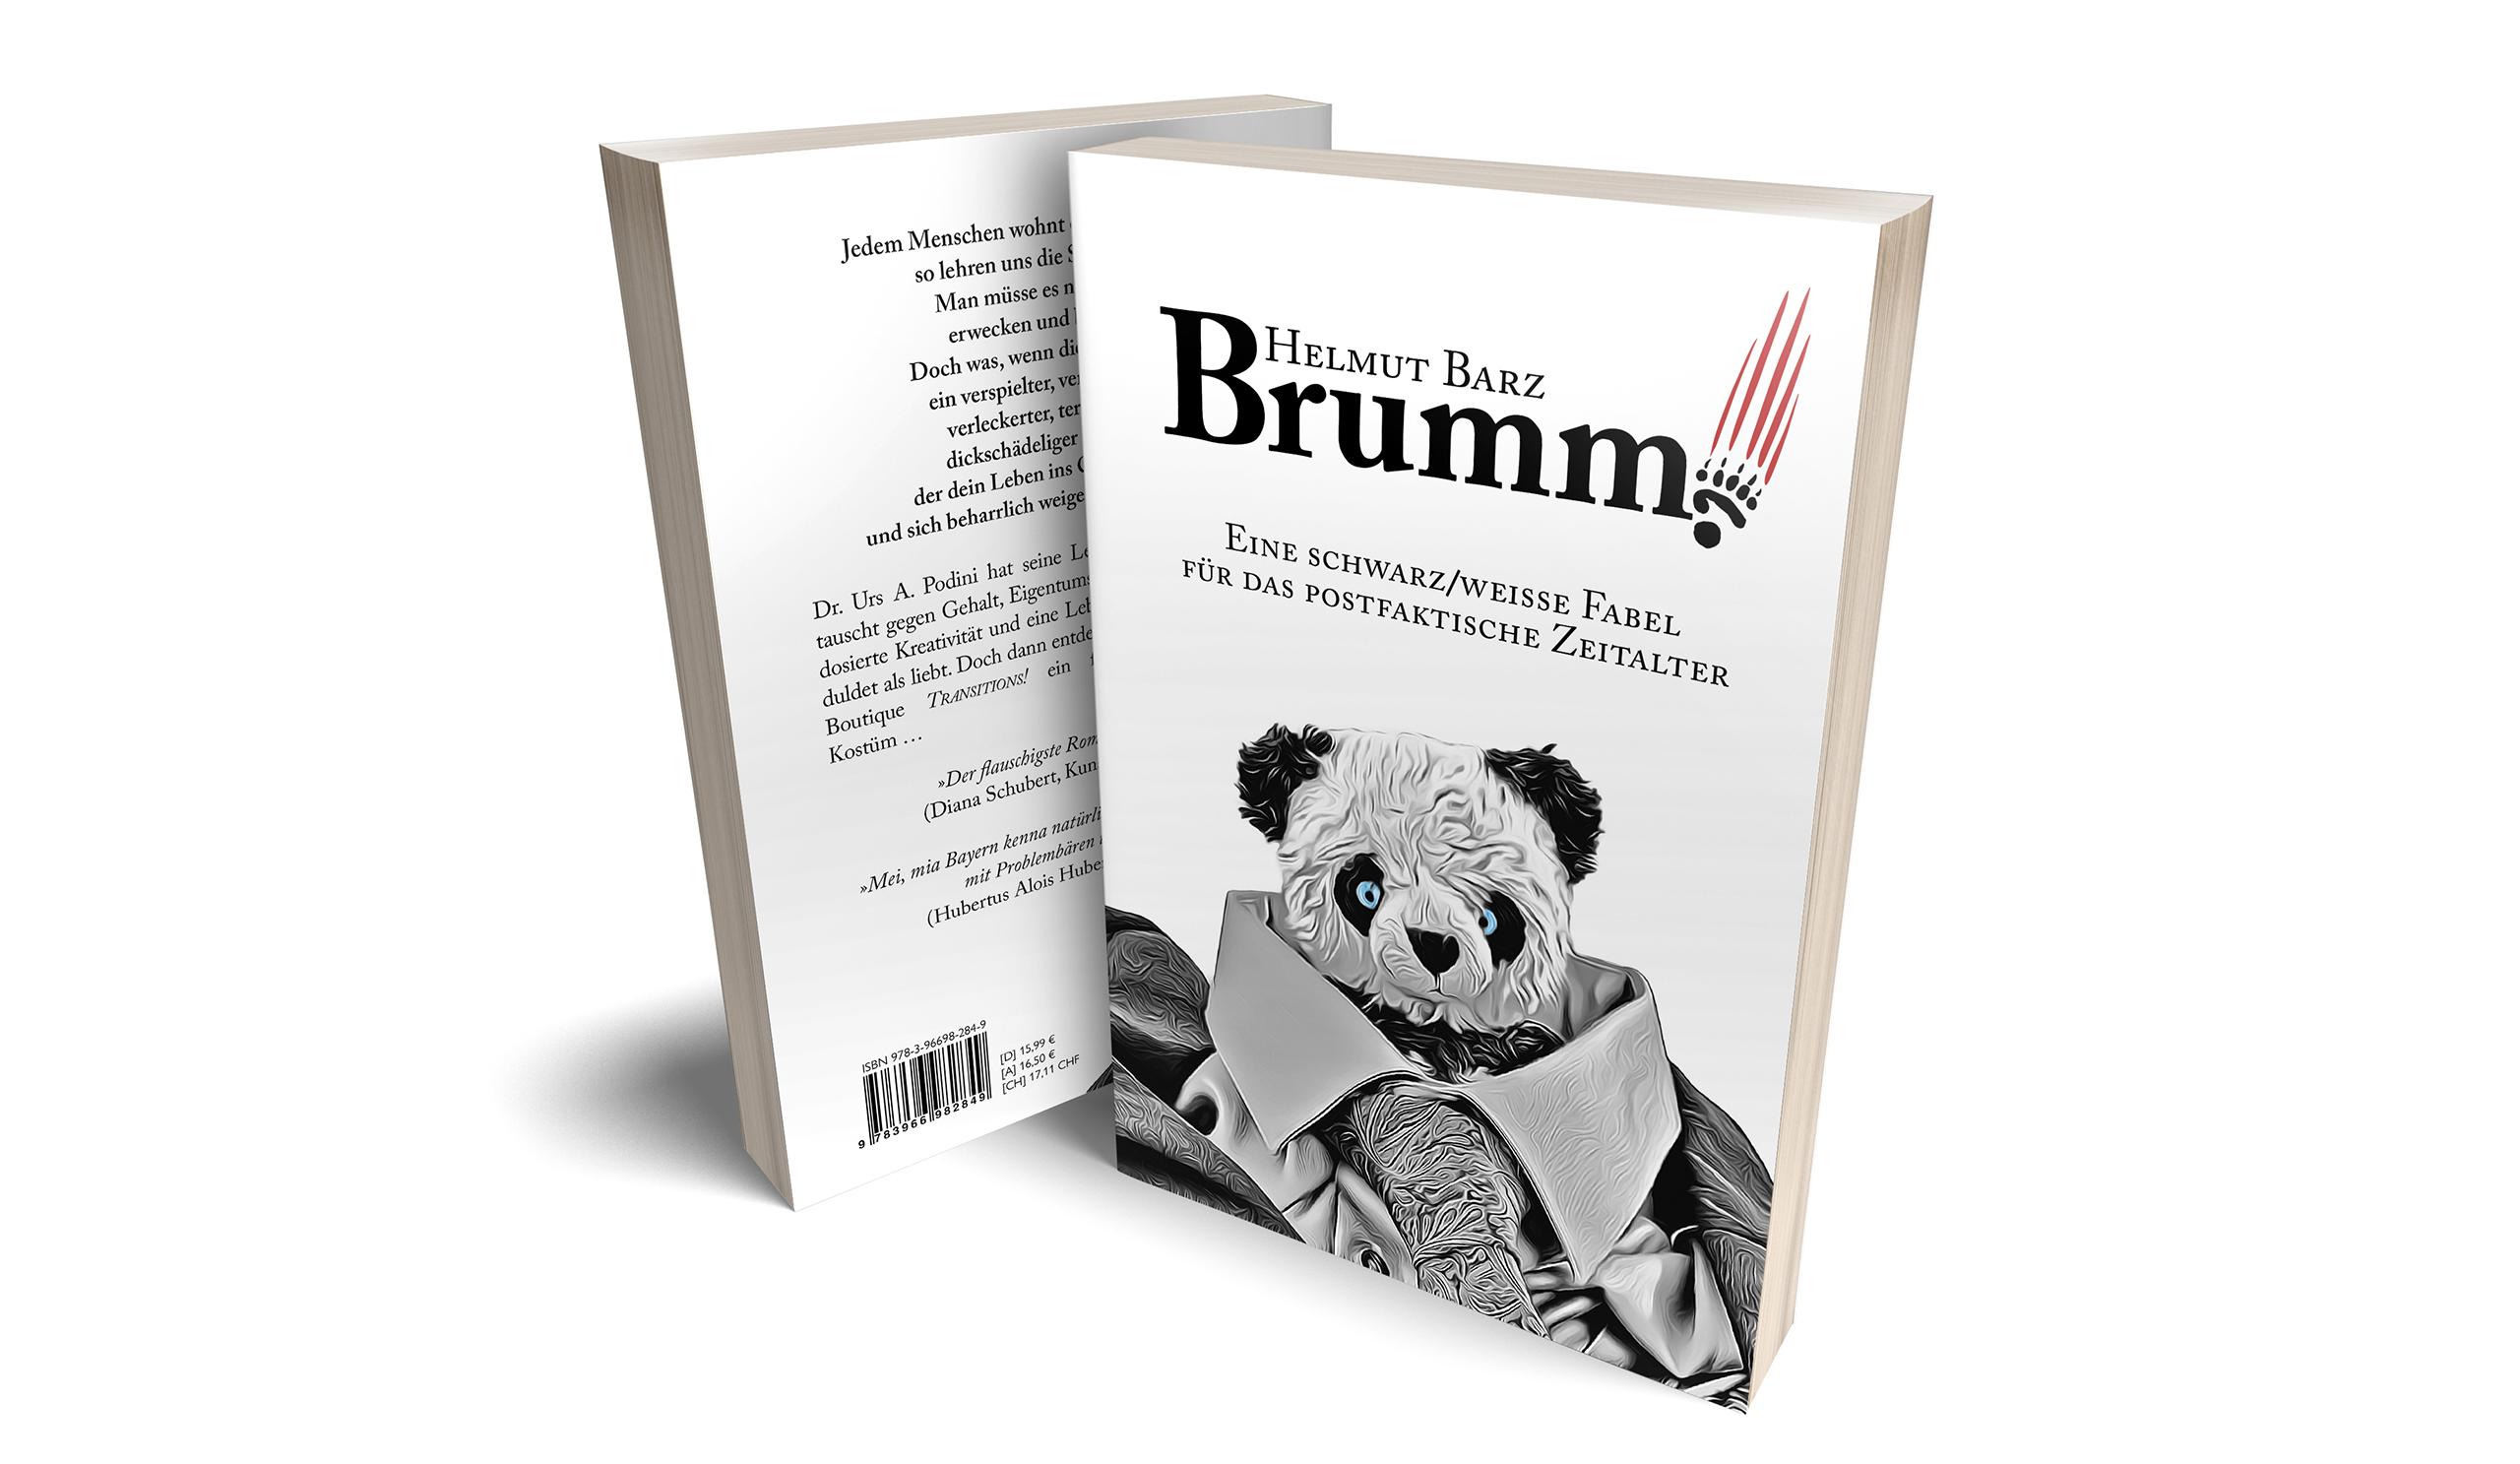 Brumm – eine schwarz/weiße Fabel für das postfaktische Zeitalter